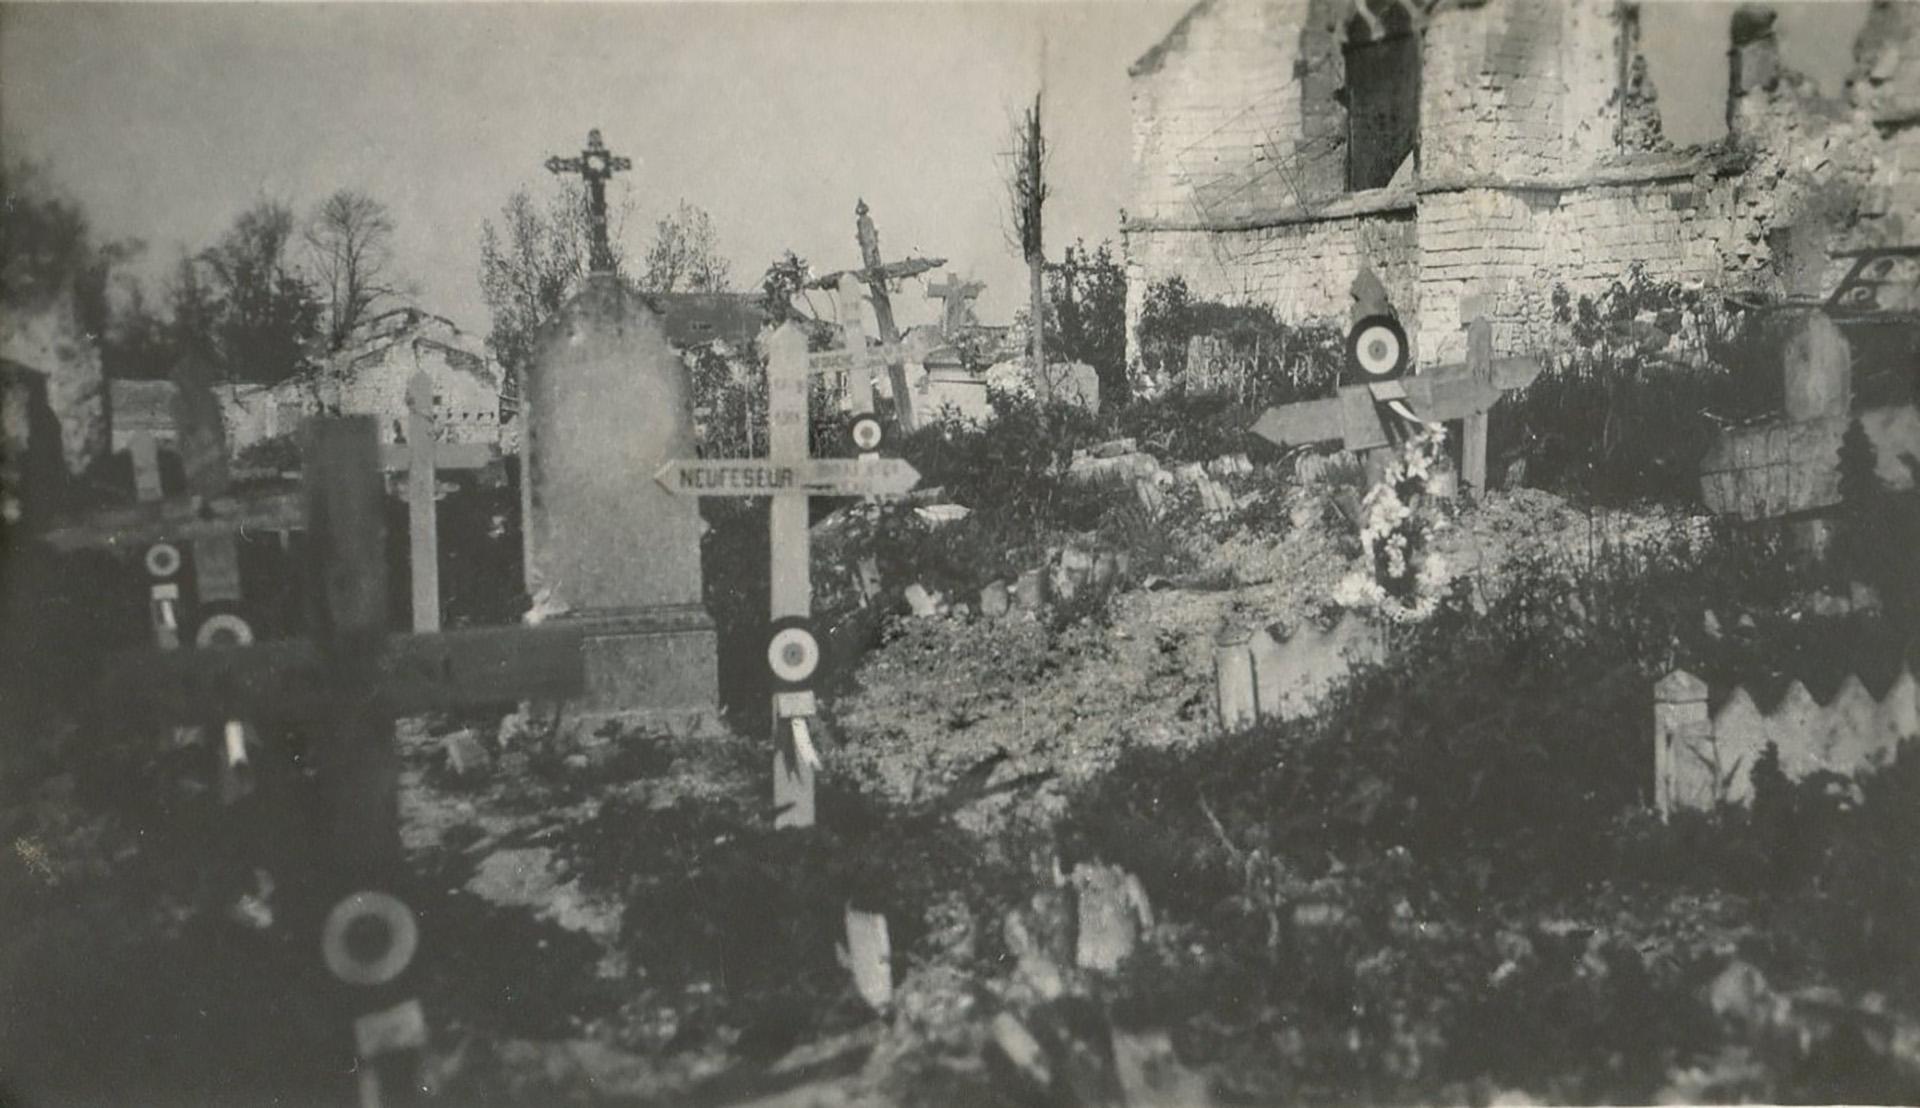 En el viejo cementerio de un pueblo arrasado conviven lápidas y cruces de madera